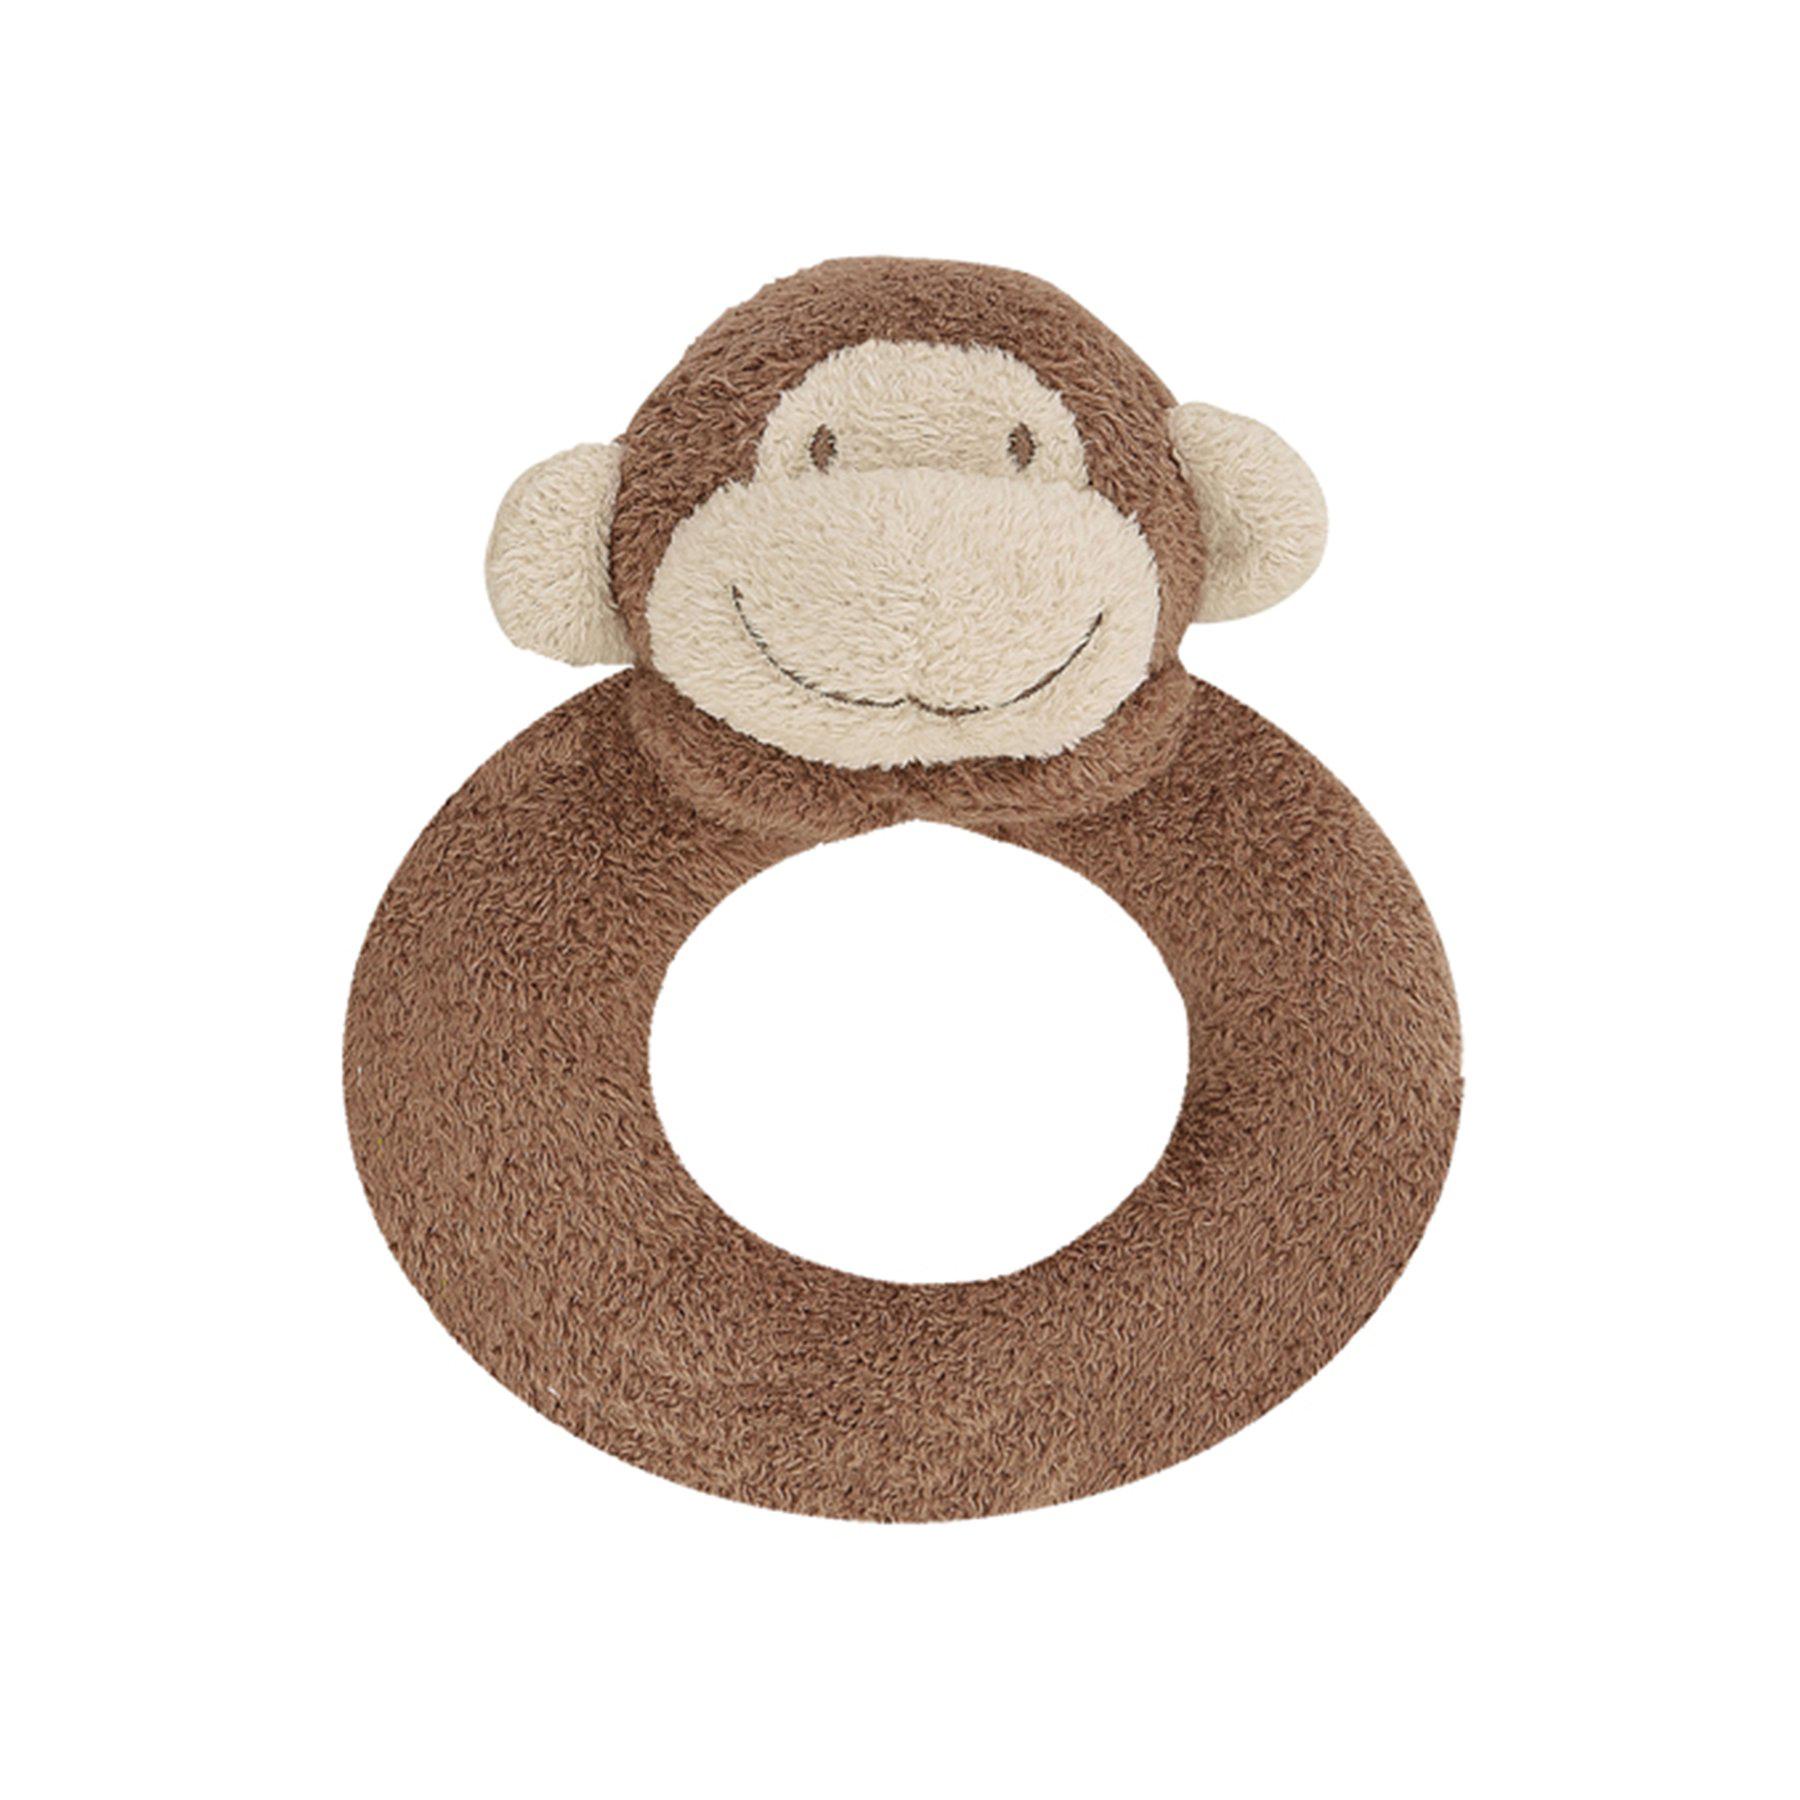 Monkey ring rattle by Angel Dear 1